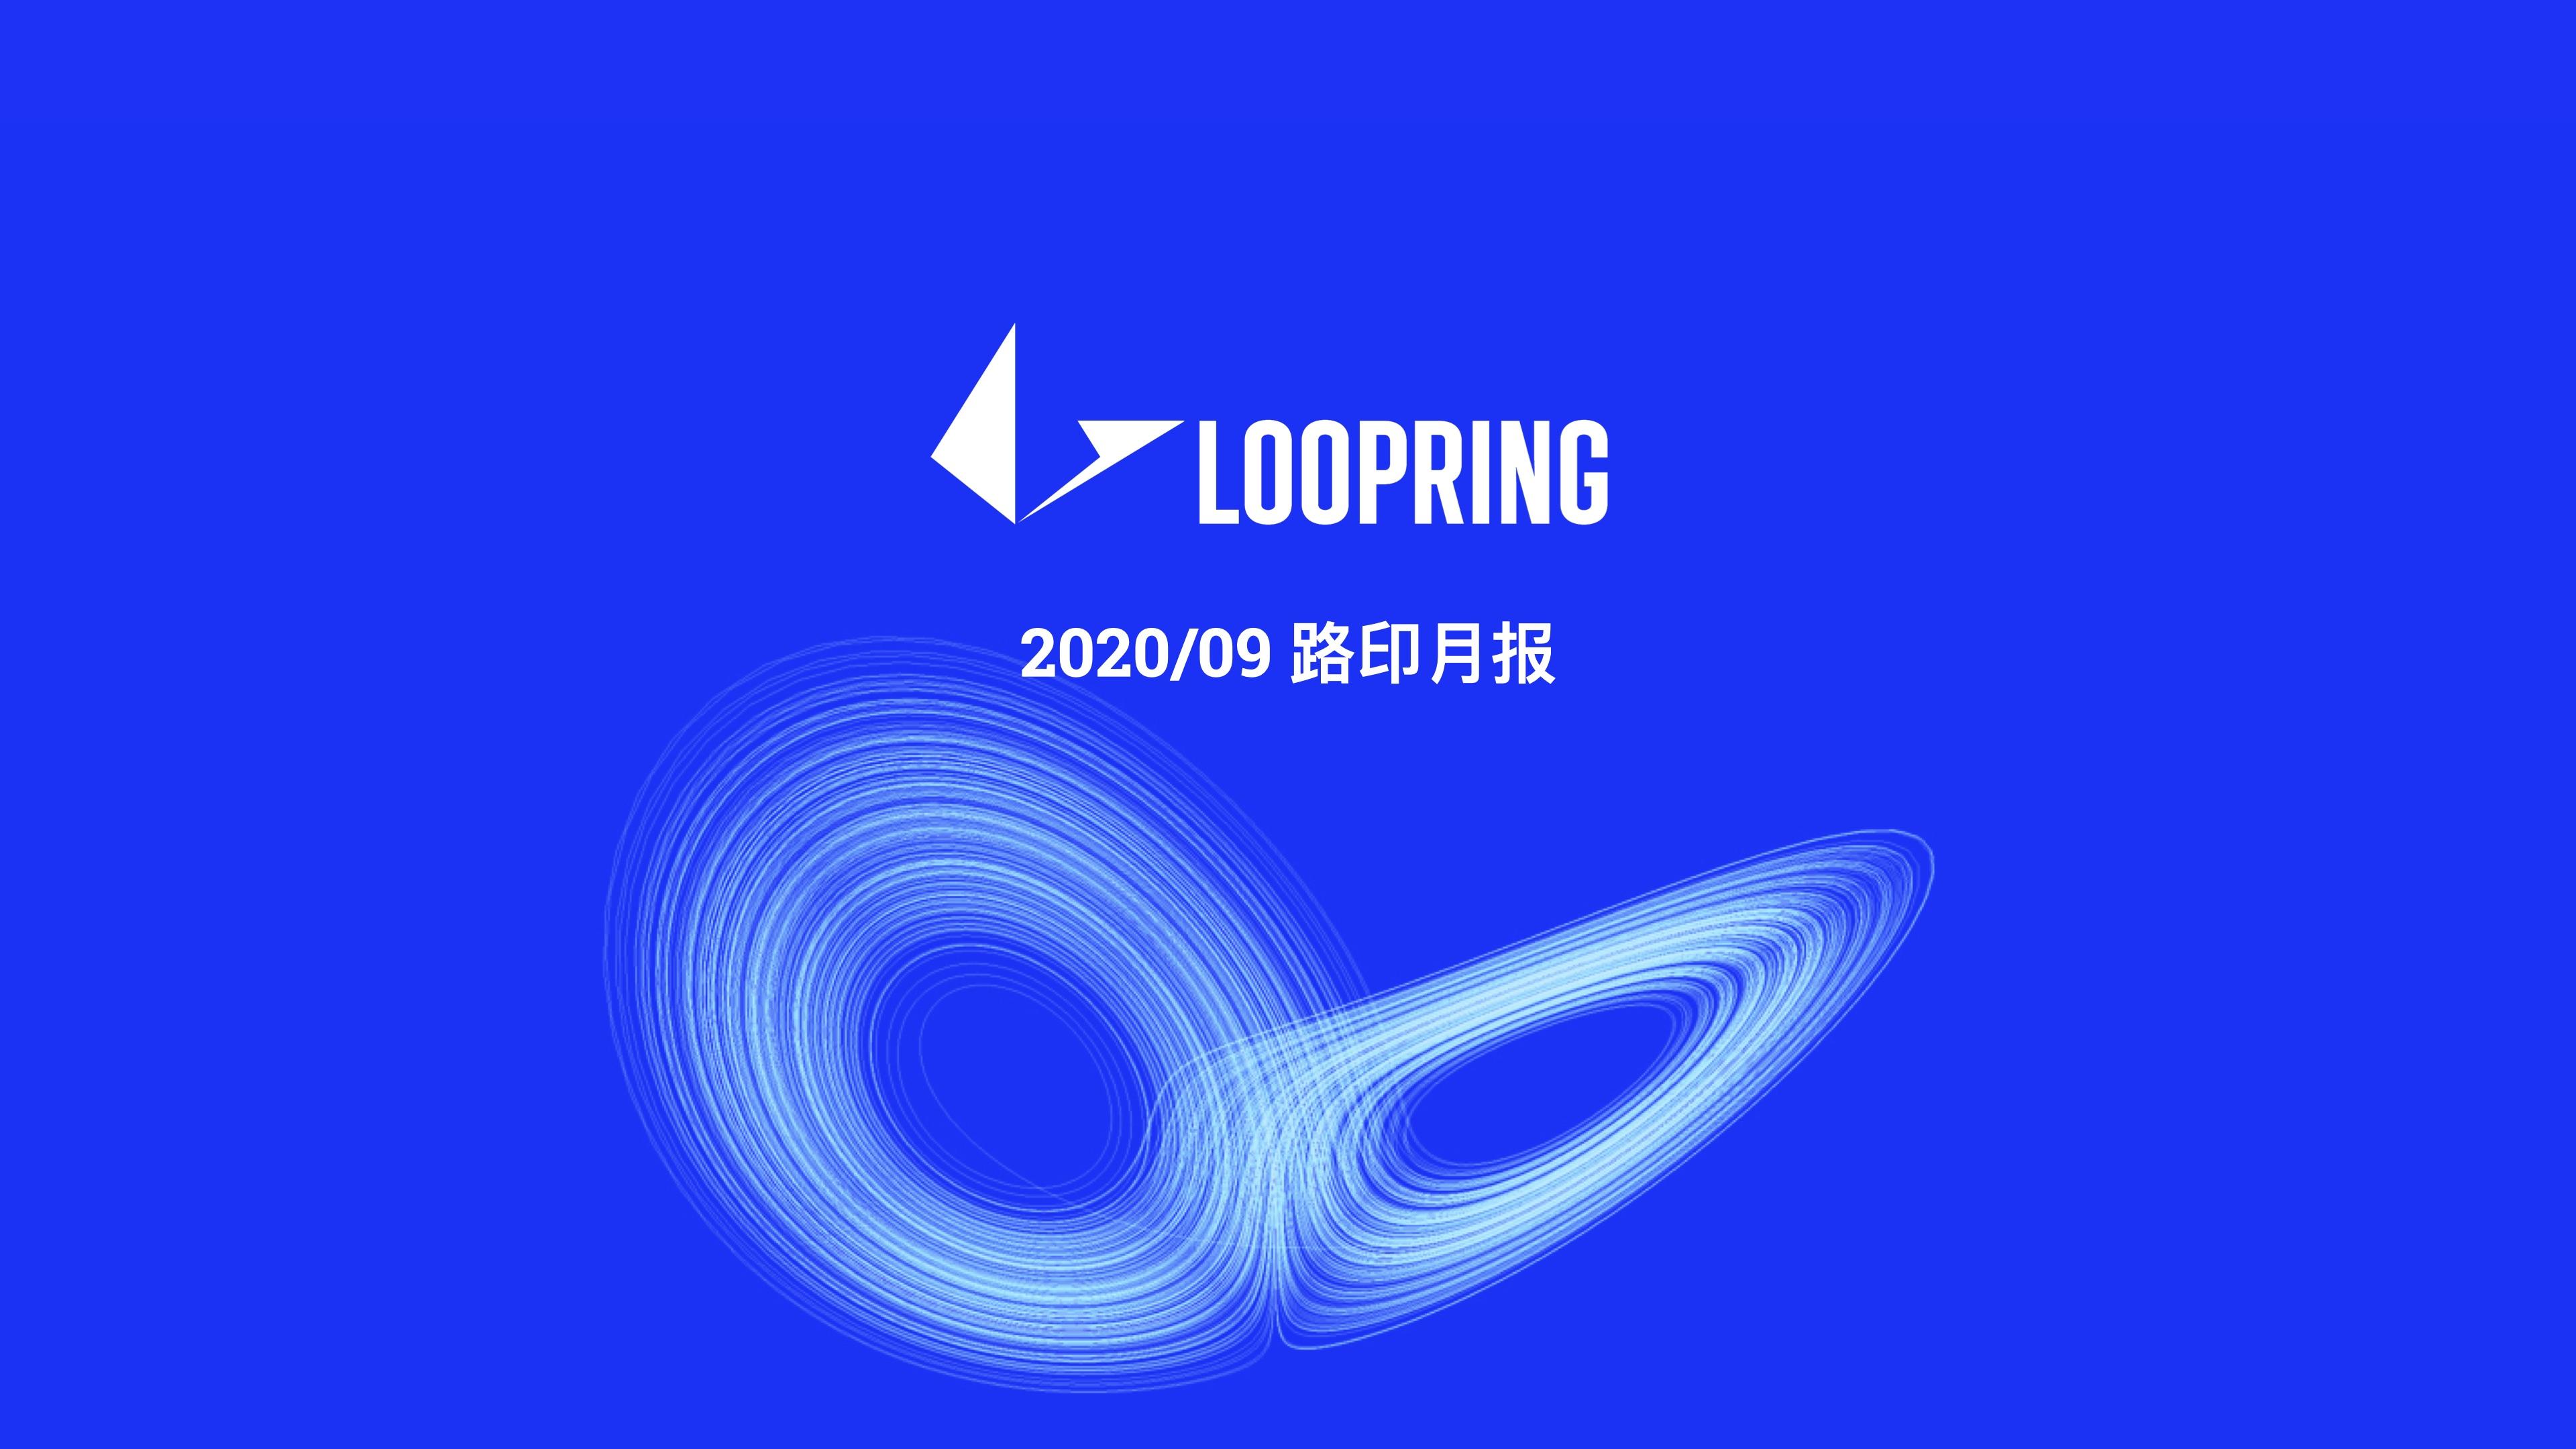 9月中文封面图.jpg